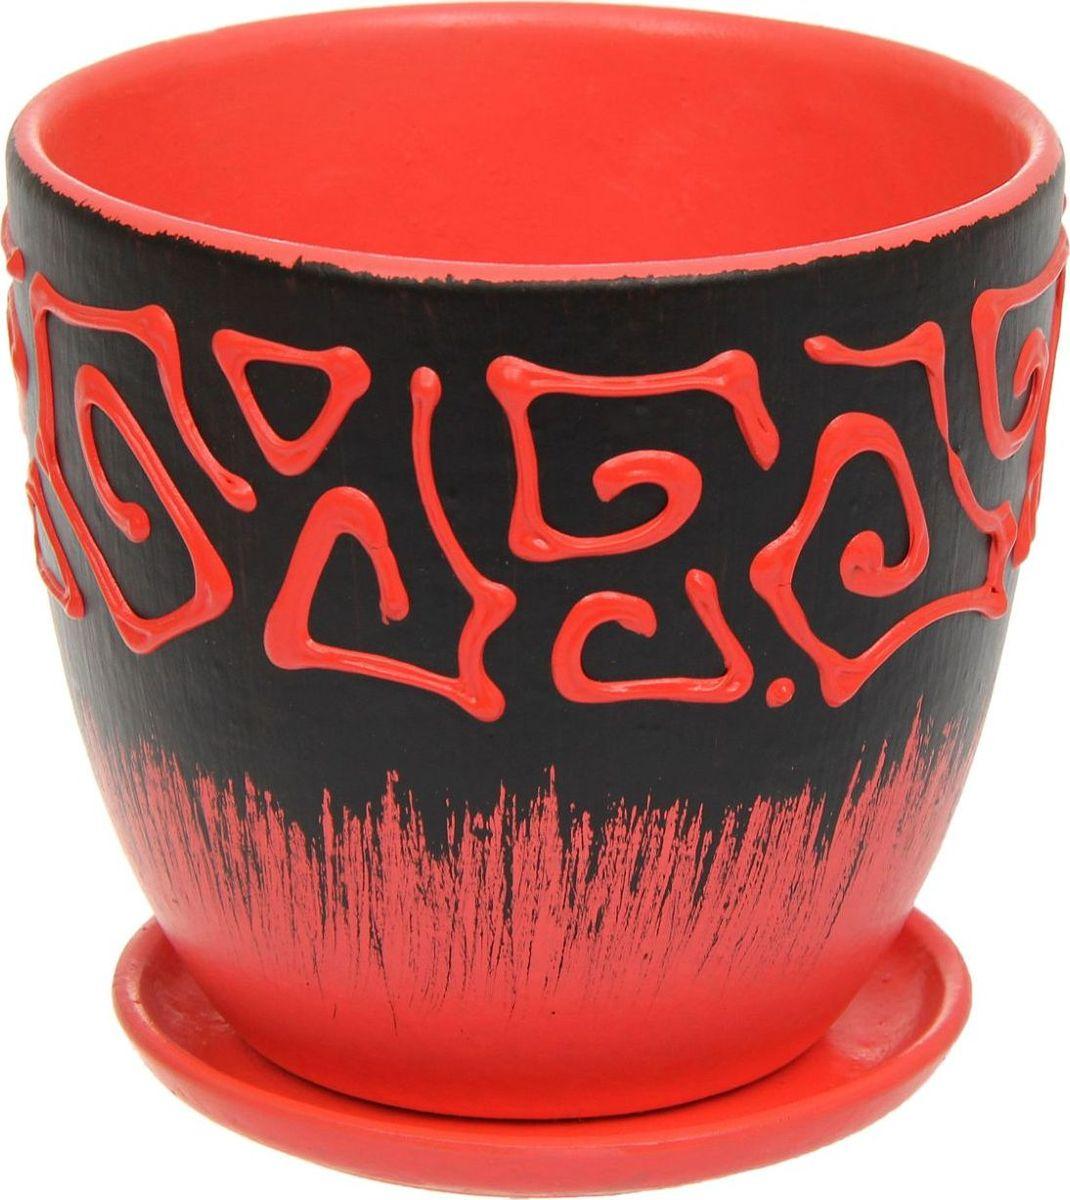 Кашпо Этно, цвет: красный, 0,8 л1138750Комнатные растения — всеобщие любимцы. Они радуют глаз, насыщают помещение кислородом и украшают пространство. Каждому из них необходим свой удобный и красивый дом. Кашпо из керамики прекрасно подходят для высадки растений: за счёт пластичности глины и разных способов обработки существует великое множество форм и дизайновпористый материал позволяет испаряться лишней влагевоздух, необходимый для дыхания корней, проникает сквозь керамические стенки! #name# позаботится о зелёном питомце, освежит интерьер и подчеркнёт его стиль.